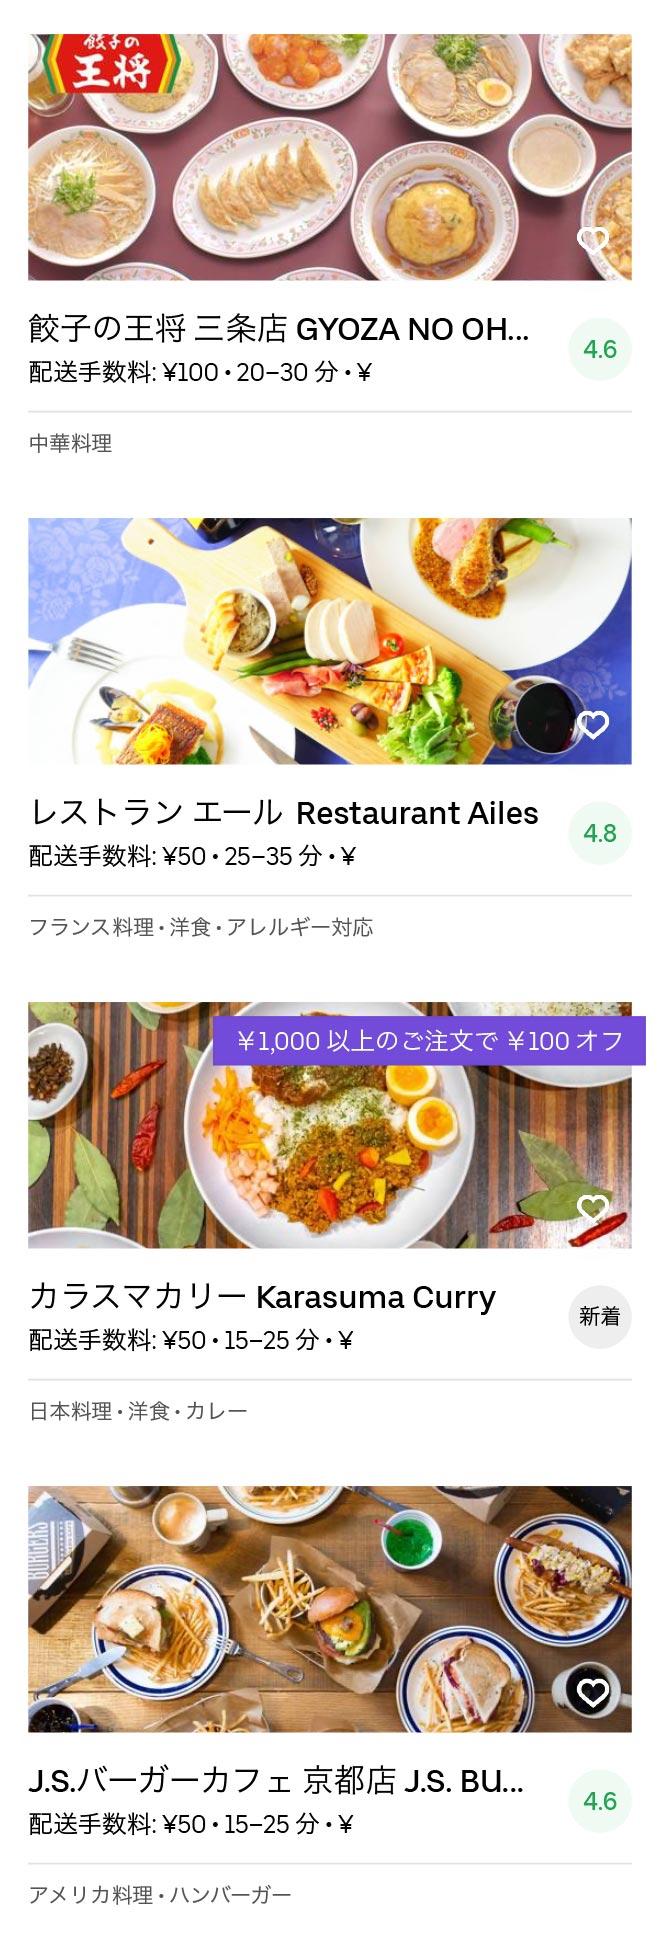 Kyoto karasuma menu 2005 07